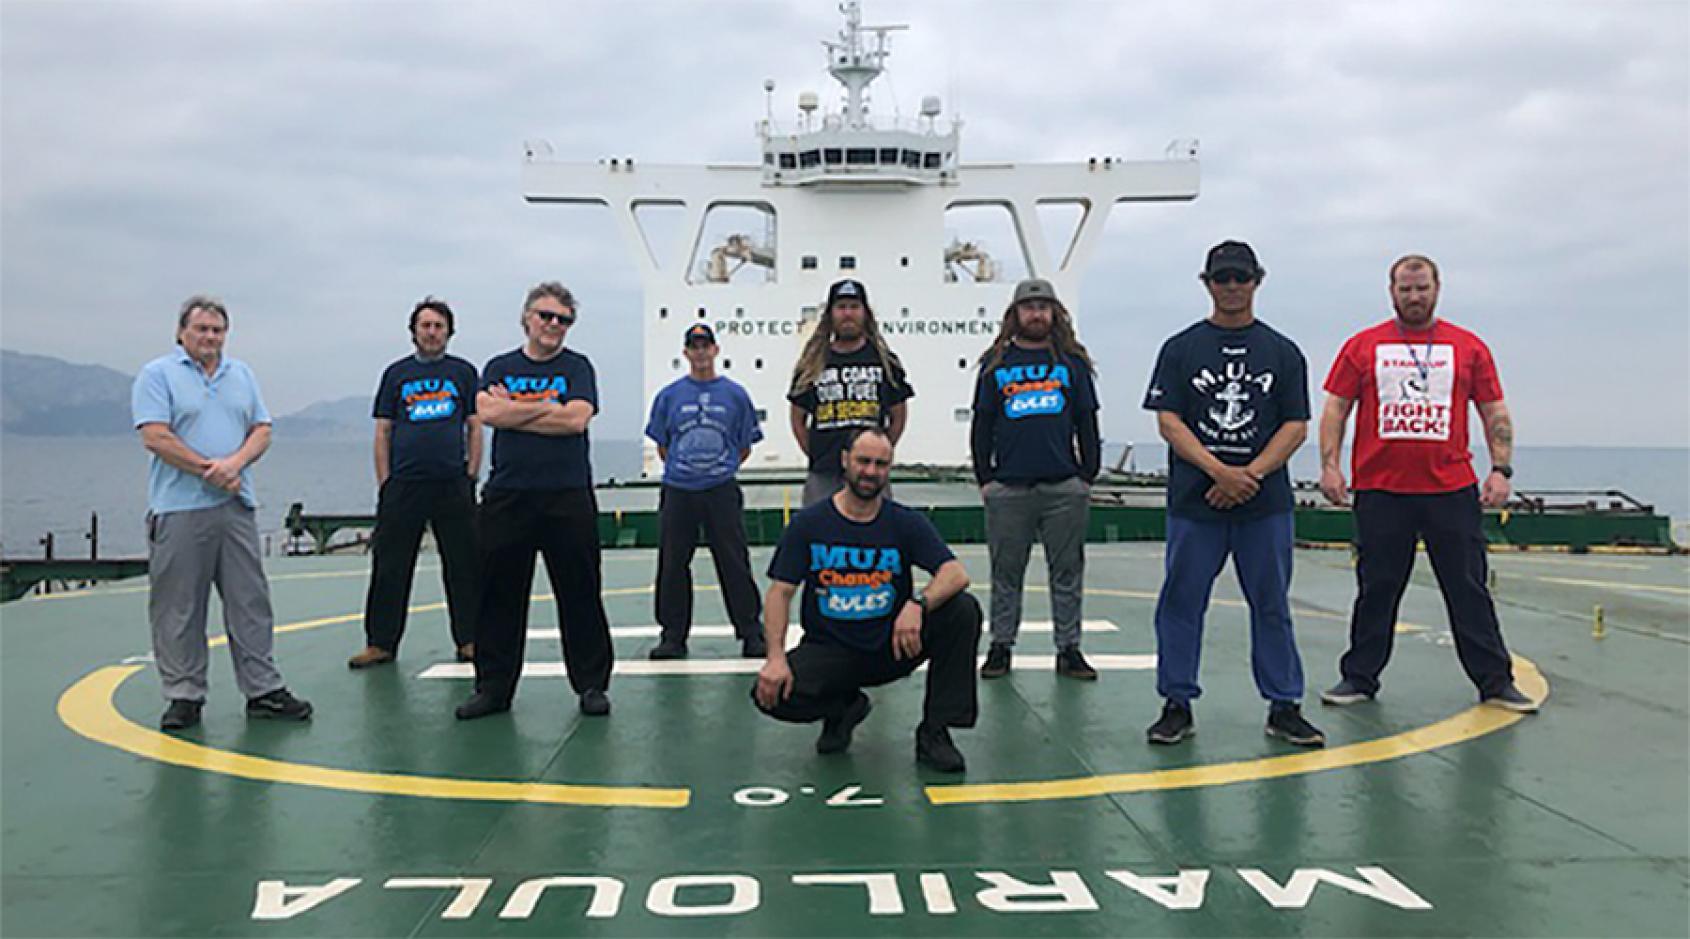 Sindicatos marítimos internacionales instan al Gobierno australiano a salvar el transporte marítimo nacional